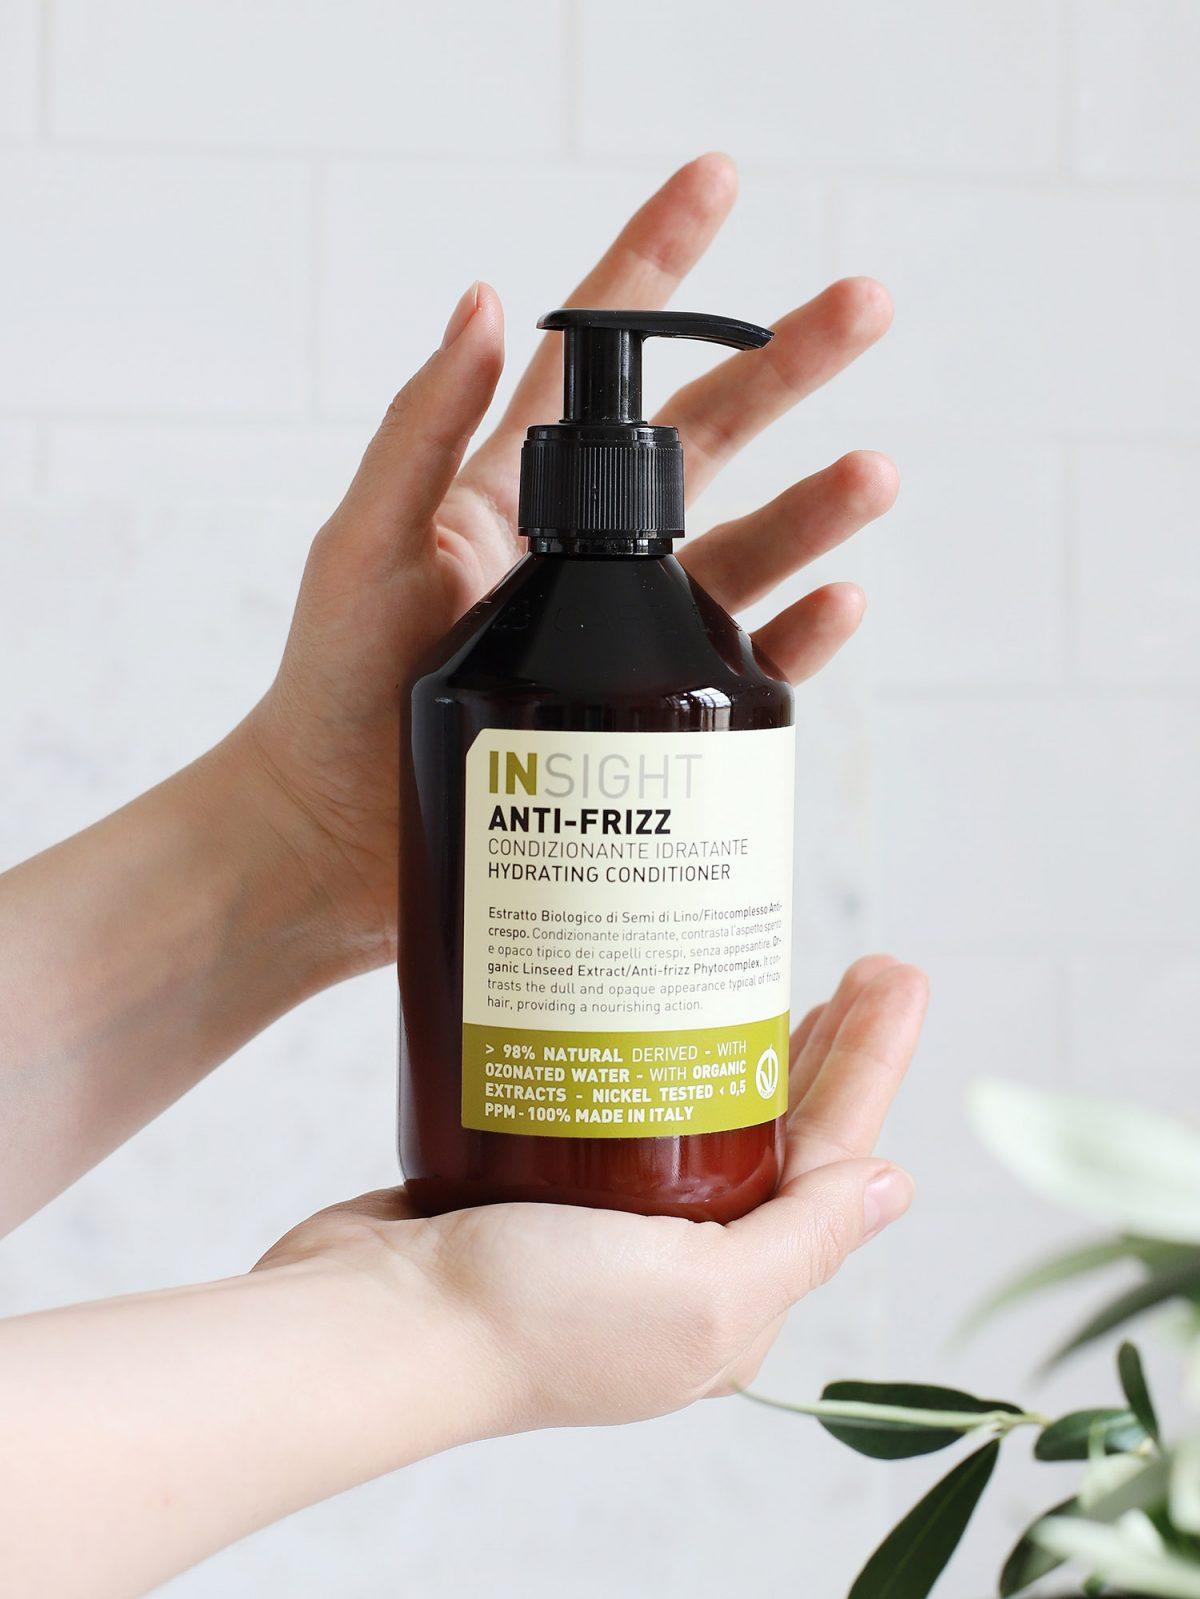 odżywka zapobiegająca puszeniu się włosów, odżywka zapobiegająca puszeniu się, odżywka nawilżająca, odżywka do włosów kręconych, odżywka do włosów falowanych, odżywka zapobiegająca puszeniu się włosów insight, odżywka zapobiegająca puszeniu się włosów insight anti frizz, odżywka insight anti frizz, odżywka przeciw puszeniu się włosów